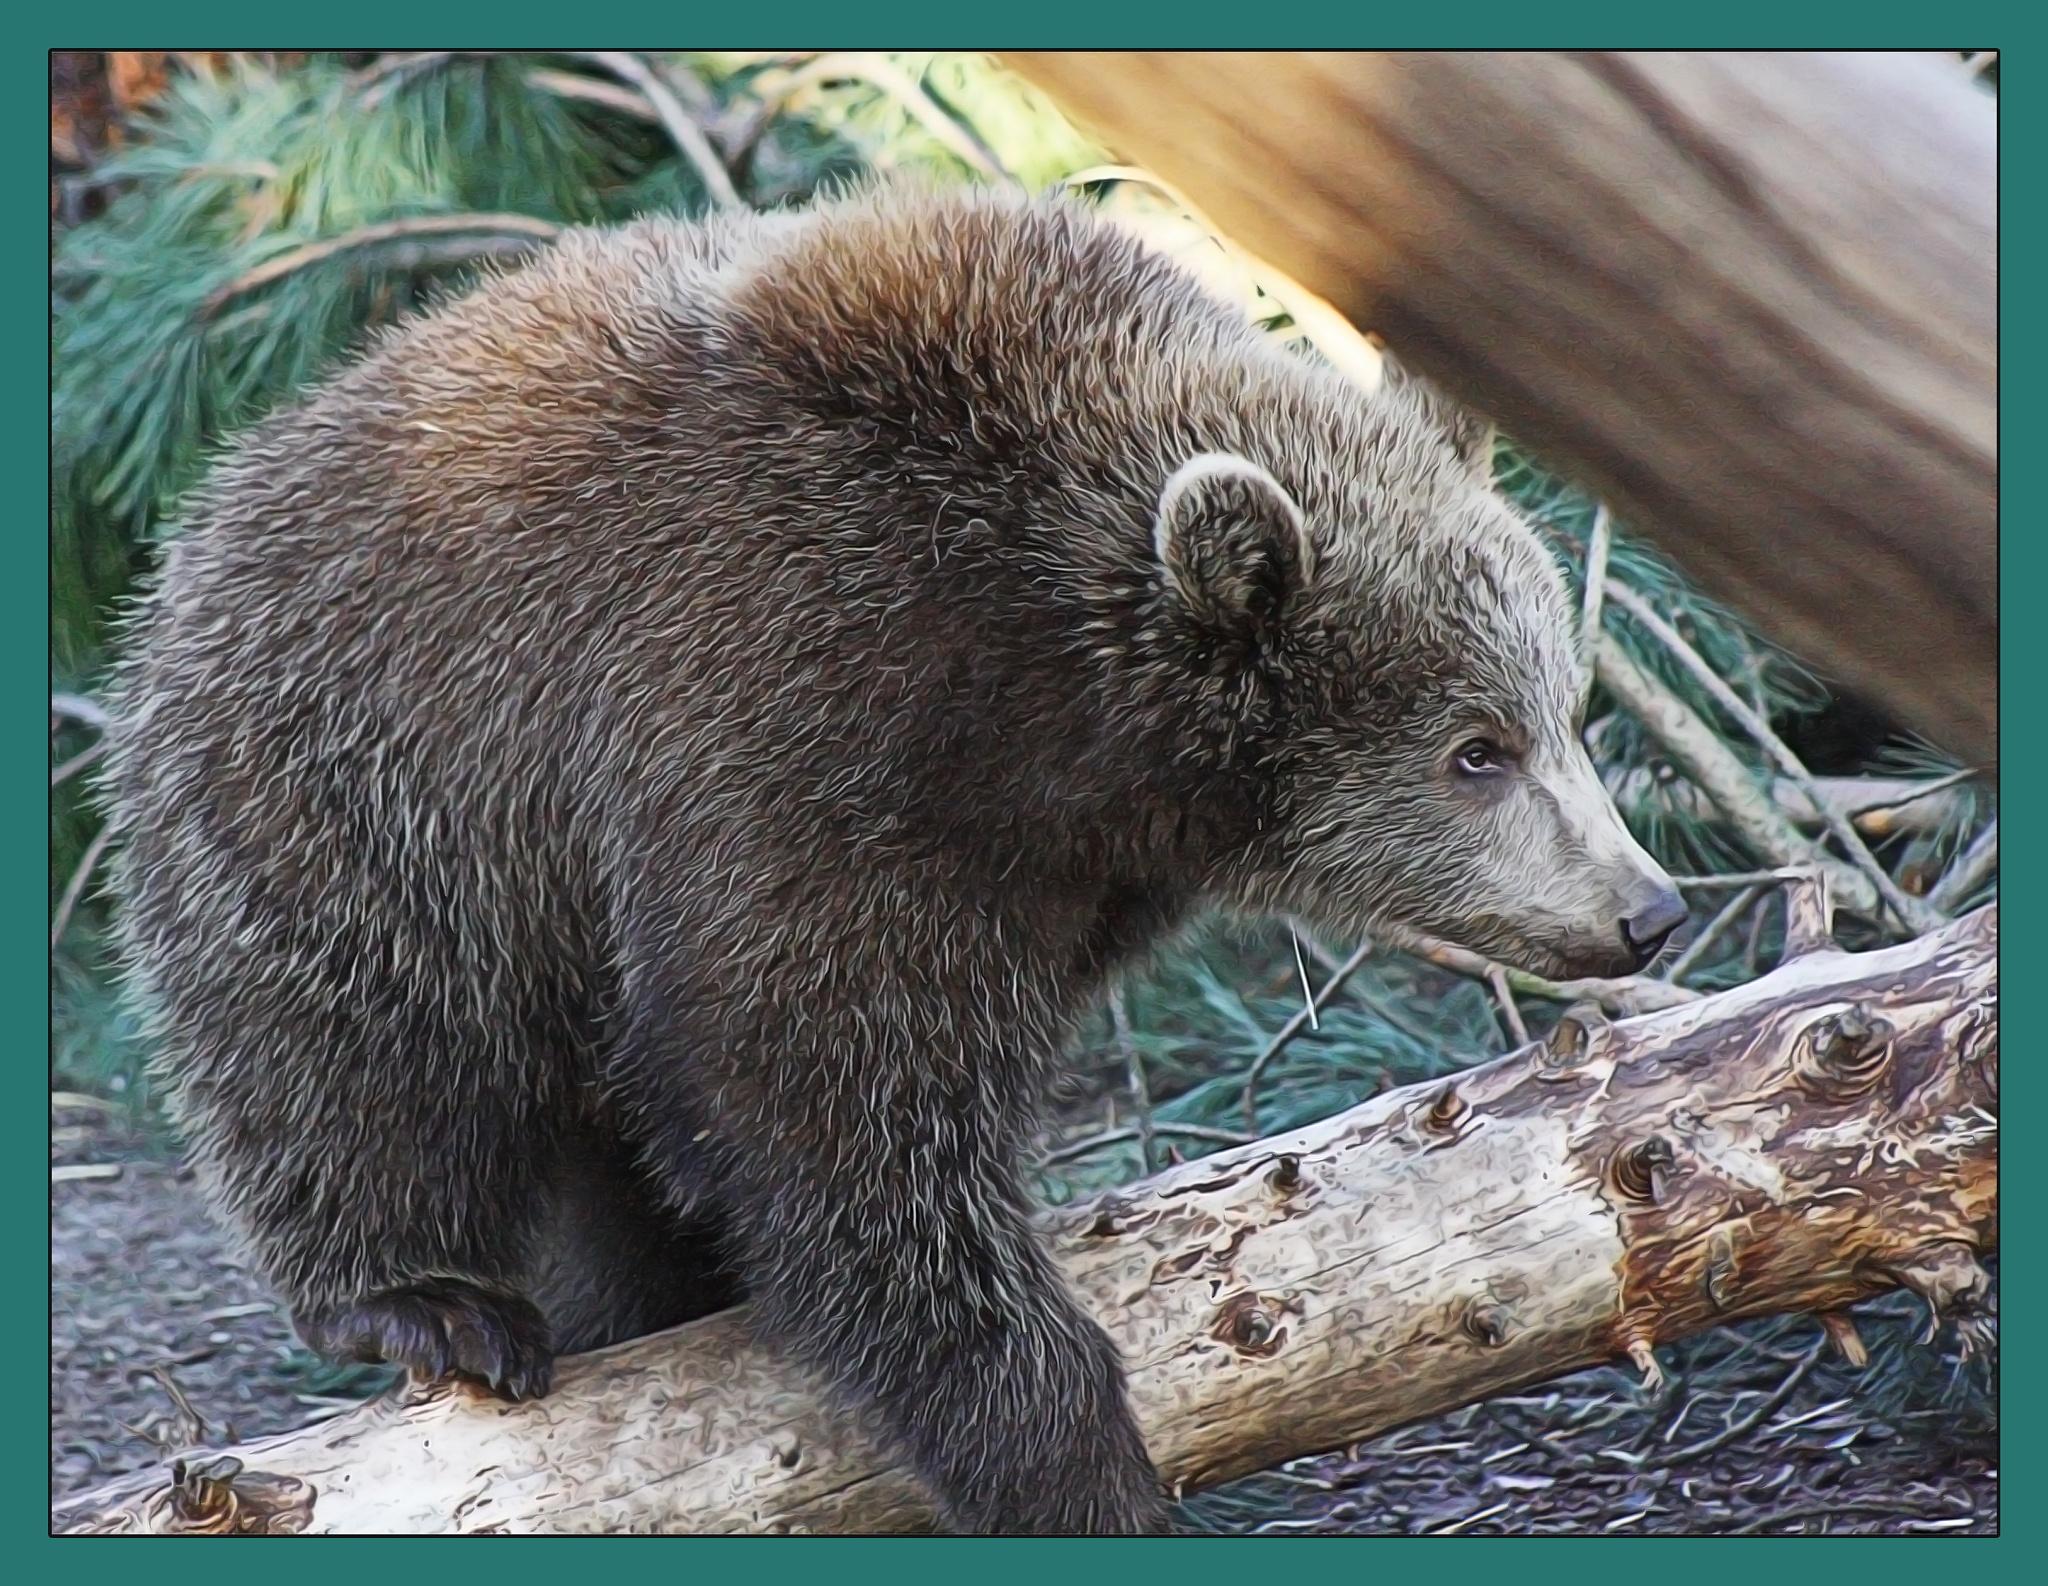 Bear by Henrik T. Sørensen